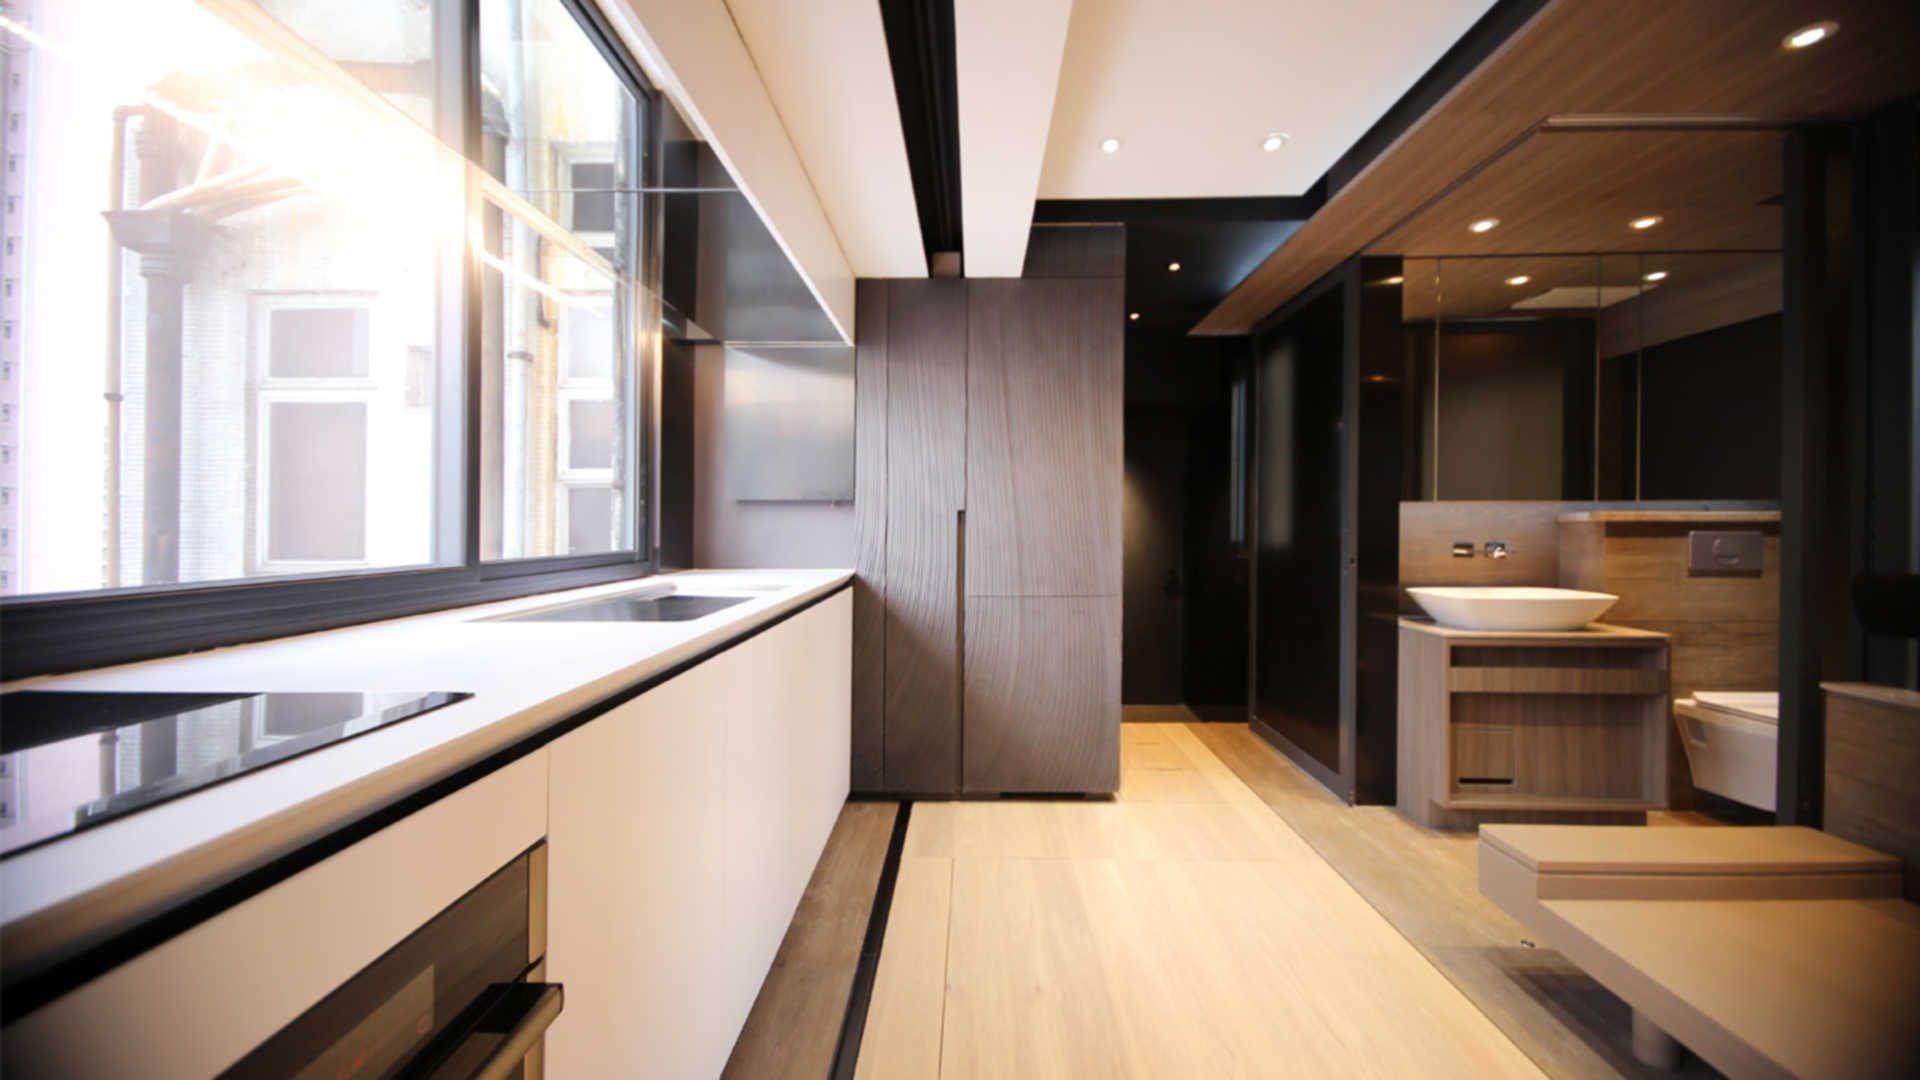 Home interior design hong kong tiny smart house in hong kong  nomadic life  pinterest  smart house